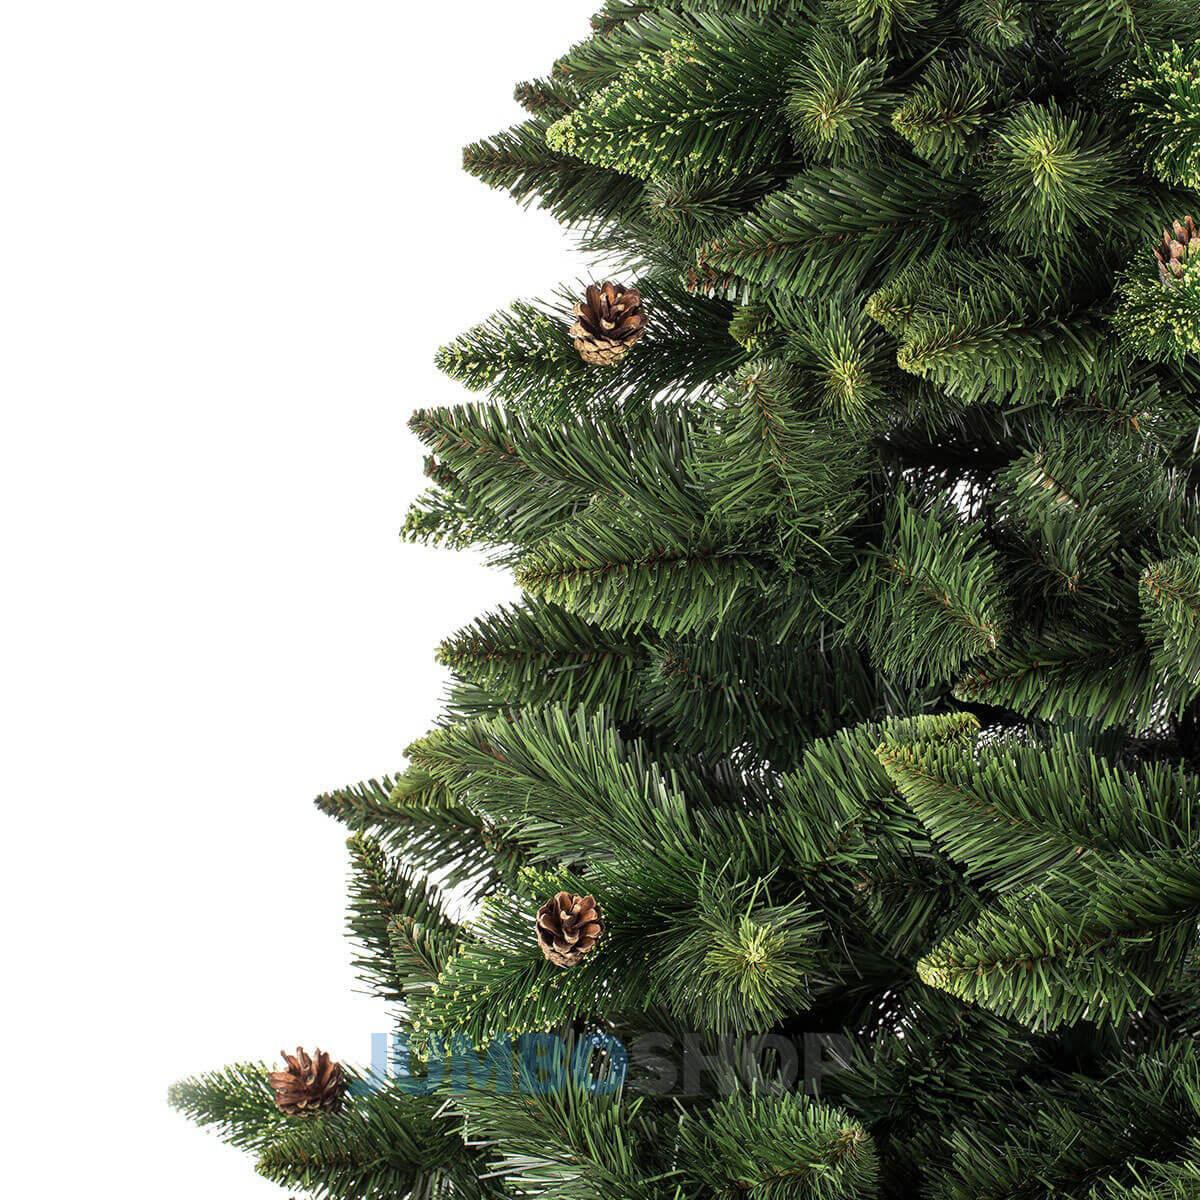 weihnachtsbaum k nstlich tannenbaum christbaum k nstlicher. Black Bedroom Furniture Sets. Home Design Ideas